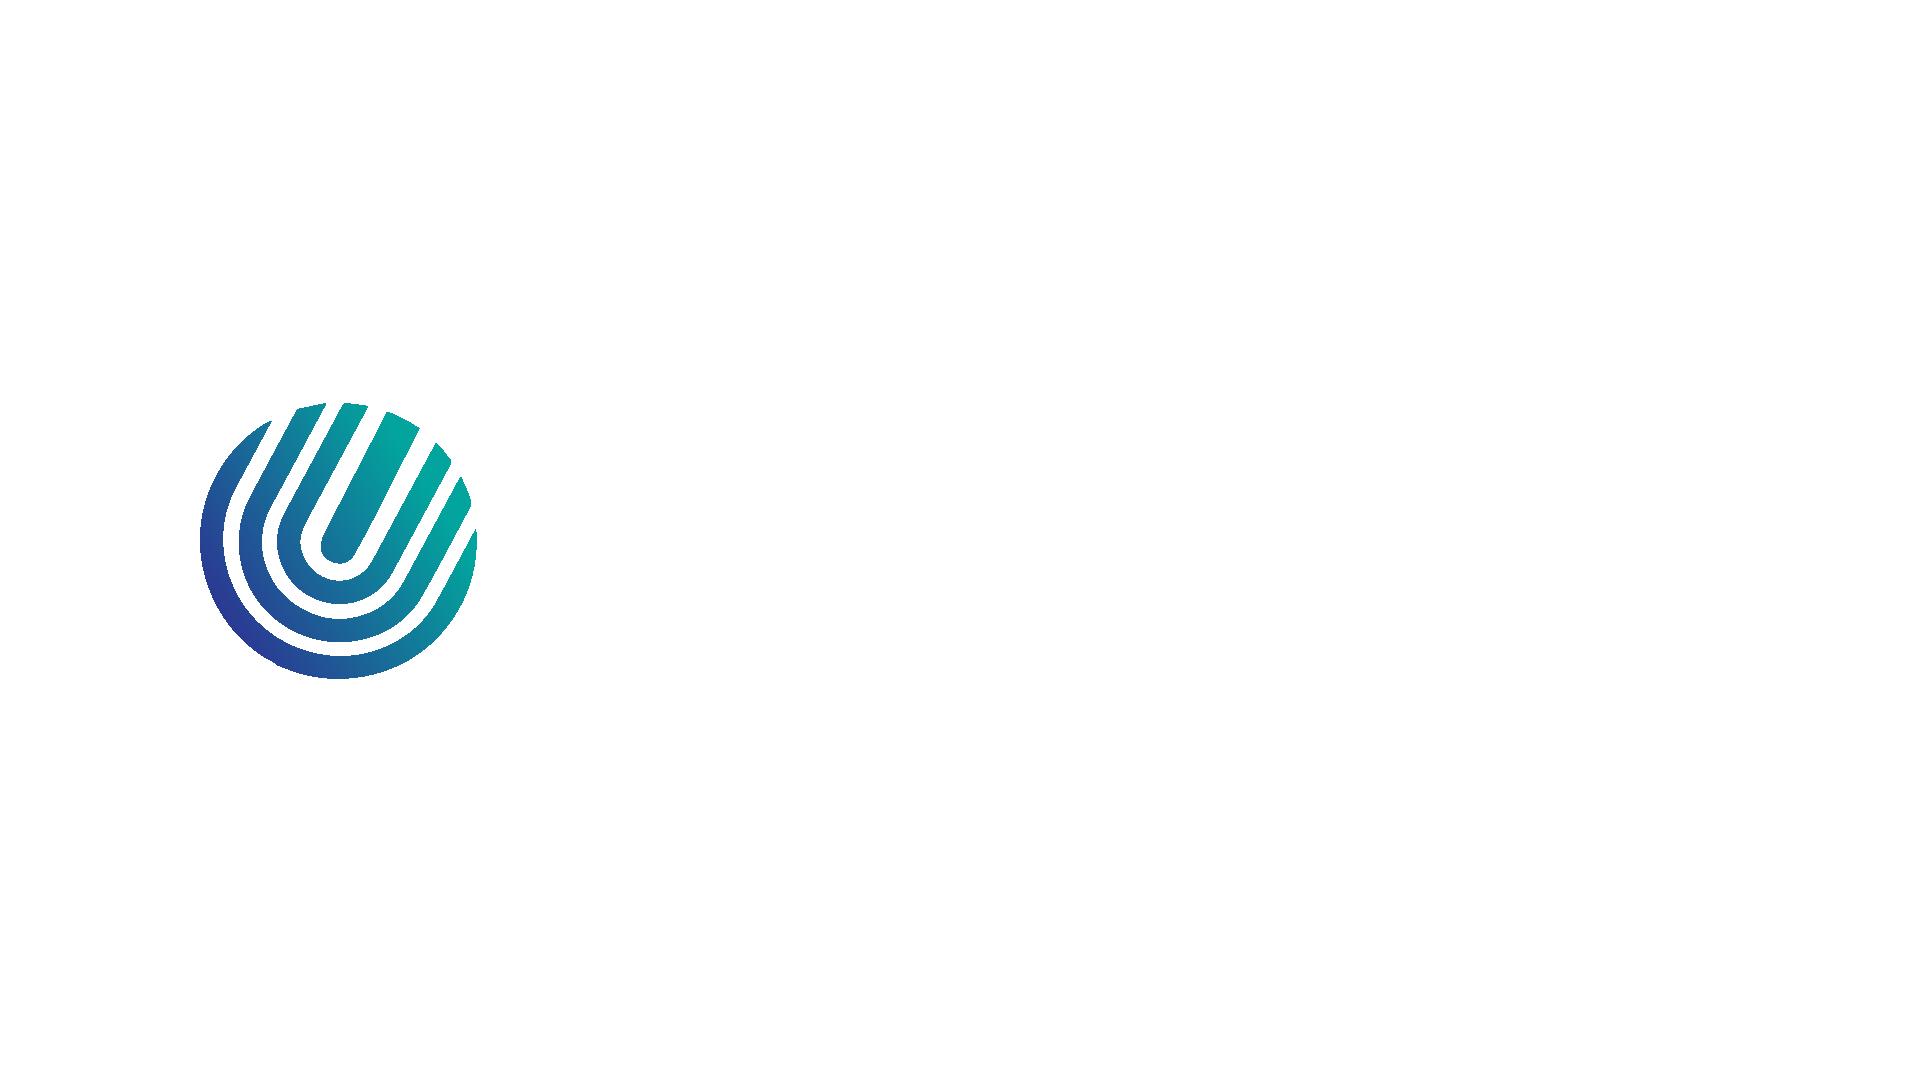 Fractos: práticas e ferramentas que irão transformar sua organização. Gestão moderna para o seu negócio crescer mais.